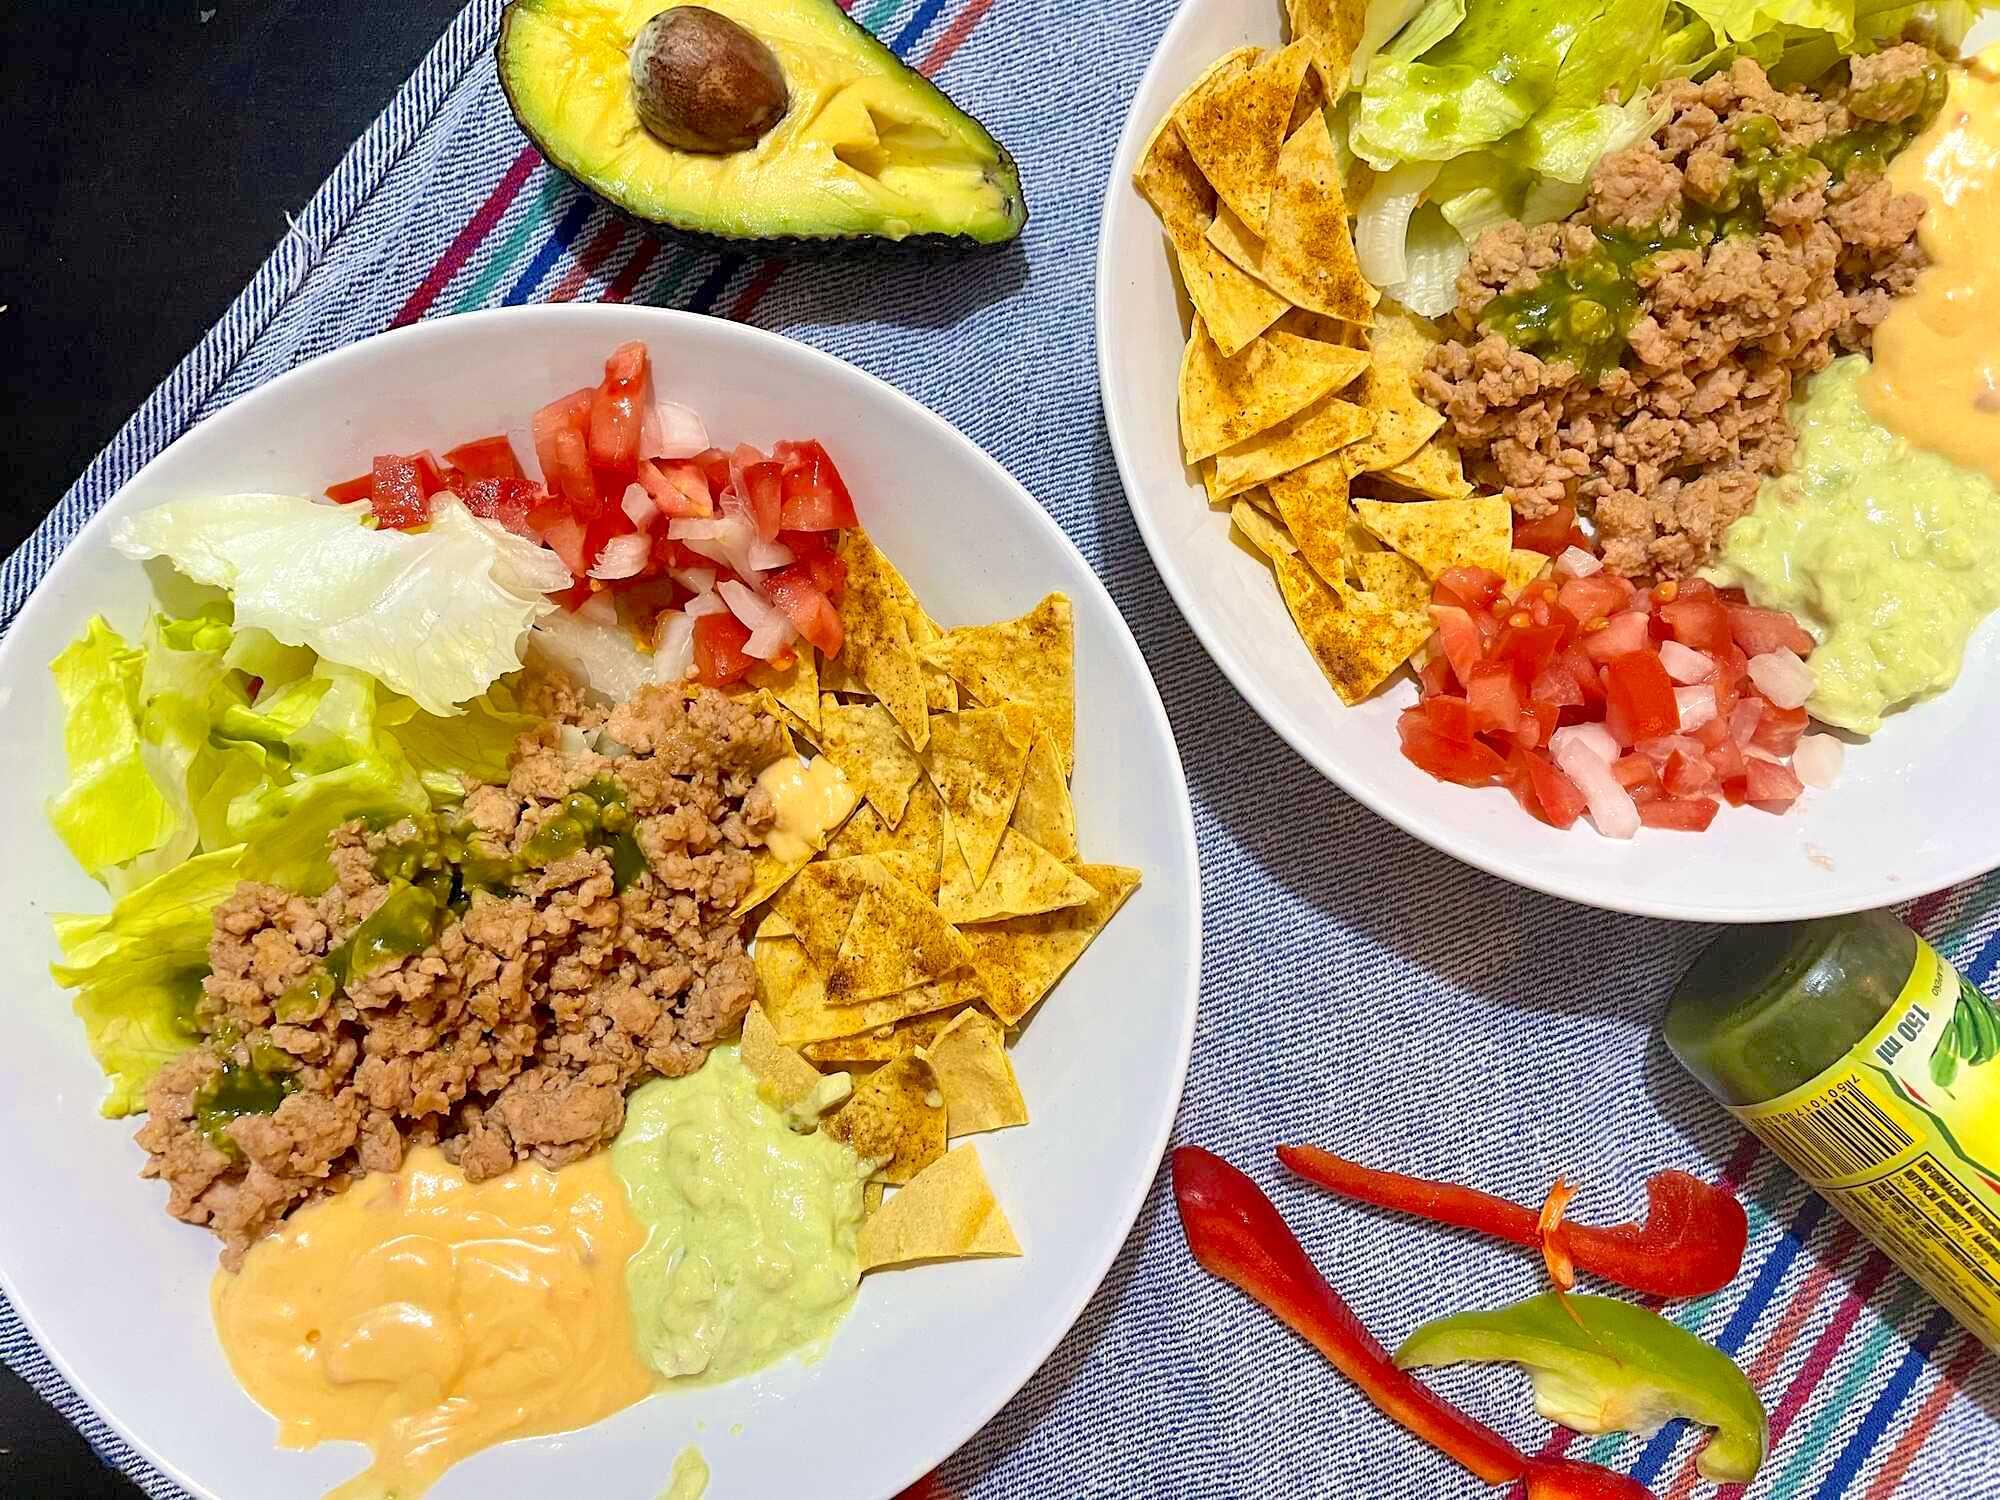 Sur une table sont disposées deux assiettes avec les nachos, les tomates, les oignons, la purée d'avocat et la viande de boeuf hachée.